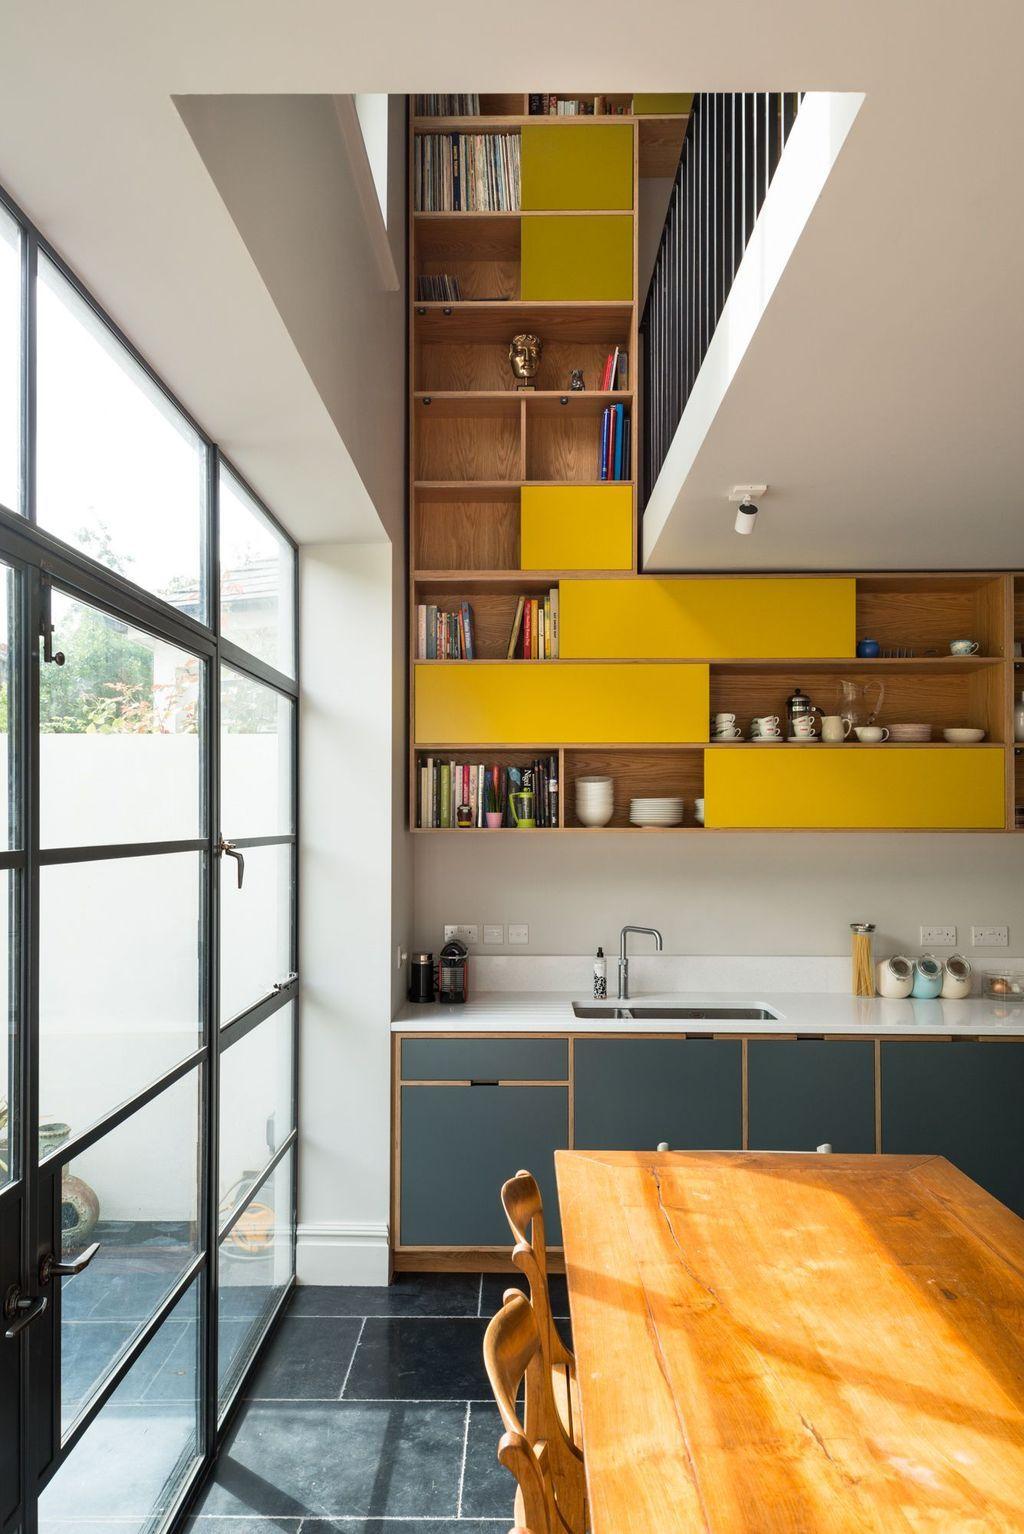 53 modern mid century kitchen design ideas for inspiration kitchen rh in pinterest com